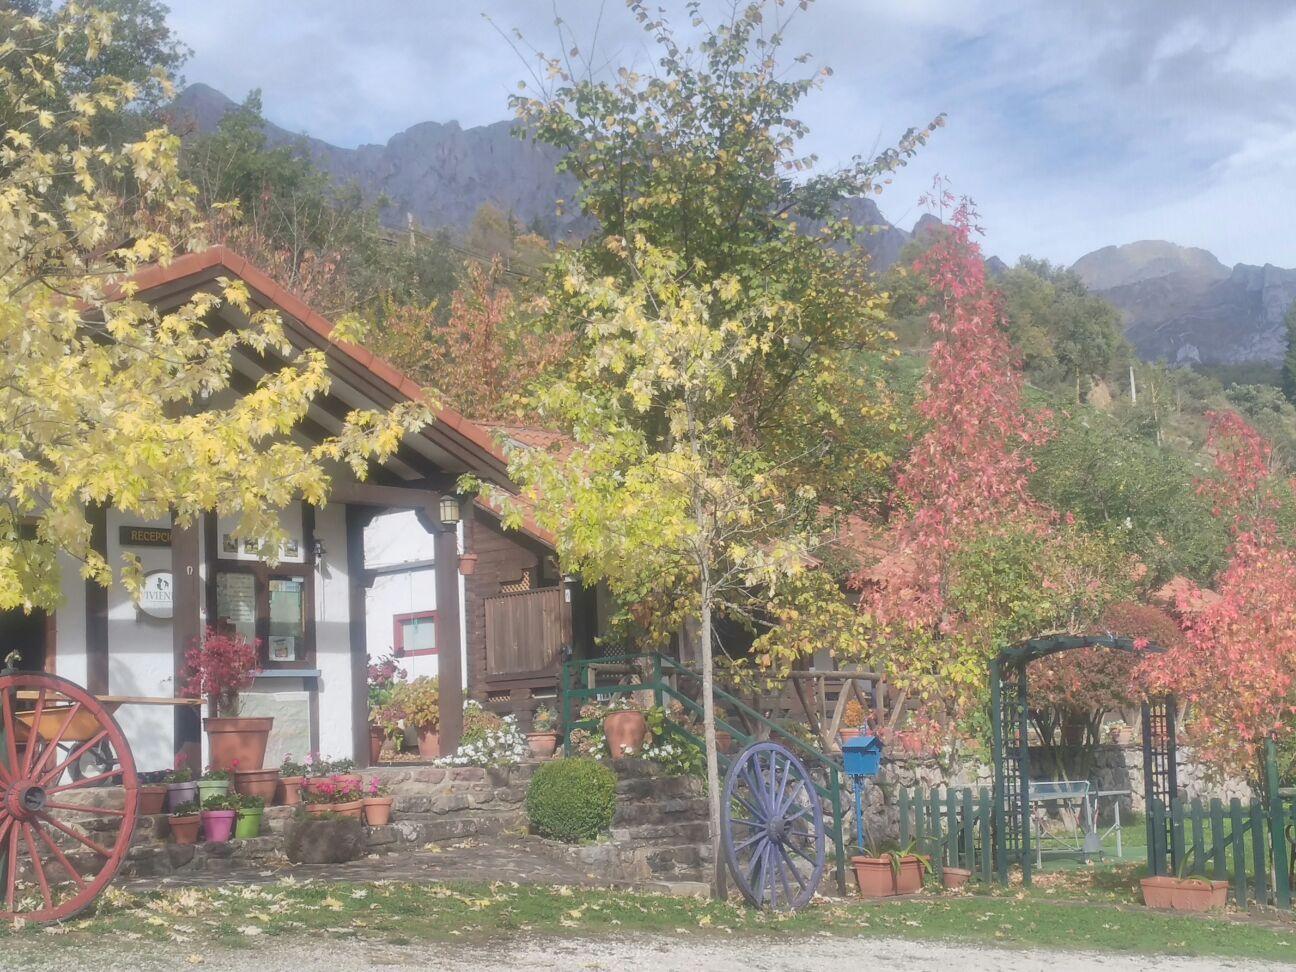 Los bungalows en ambiente otoñal